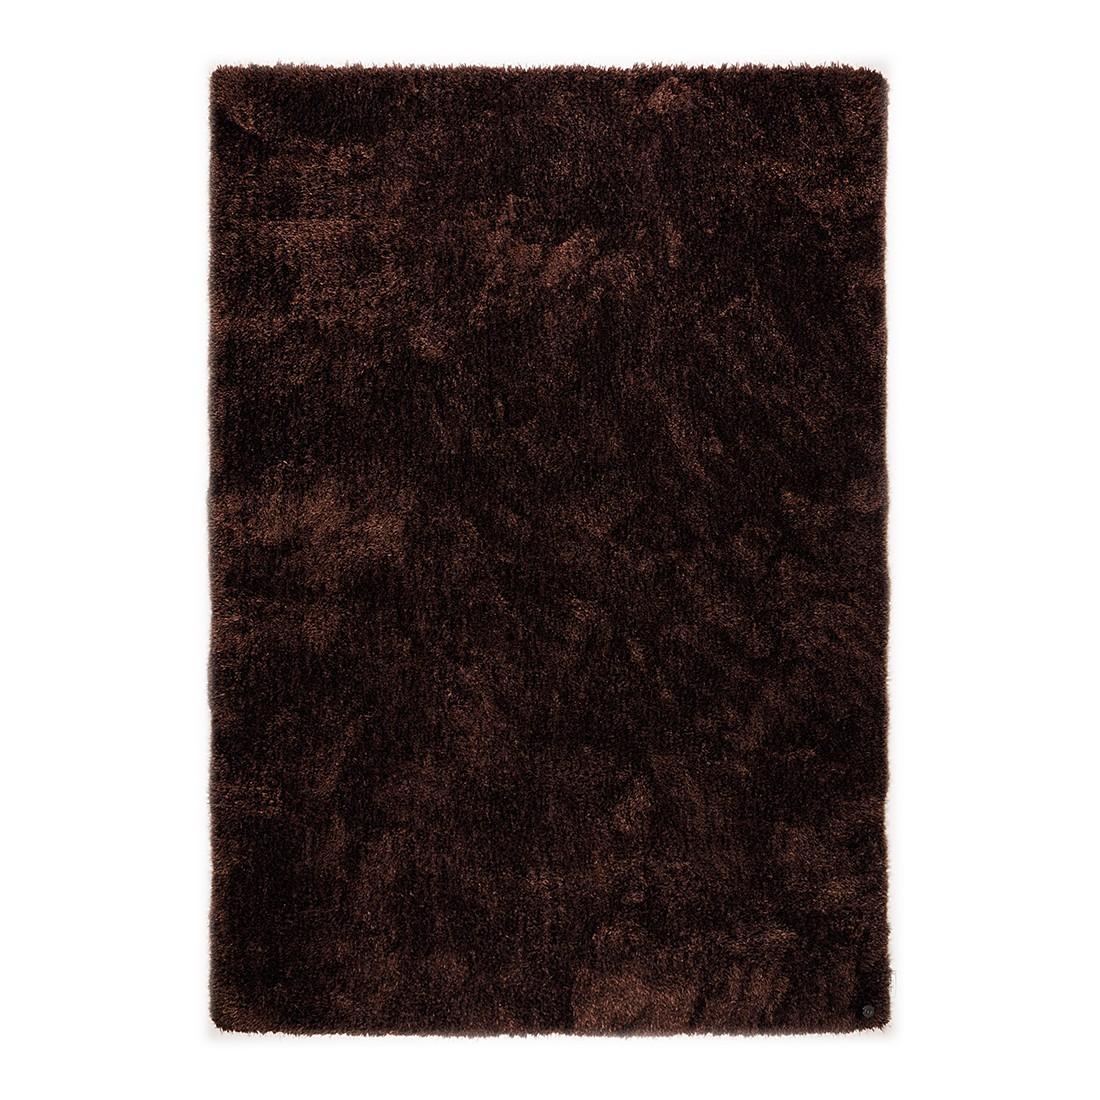 Teppich Soft Square – Choco – Maße: 65 x 135 cm, Tom Tailor jetzt bestellen